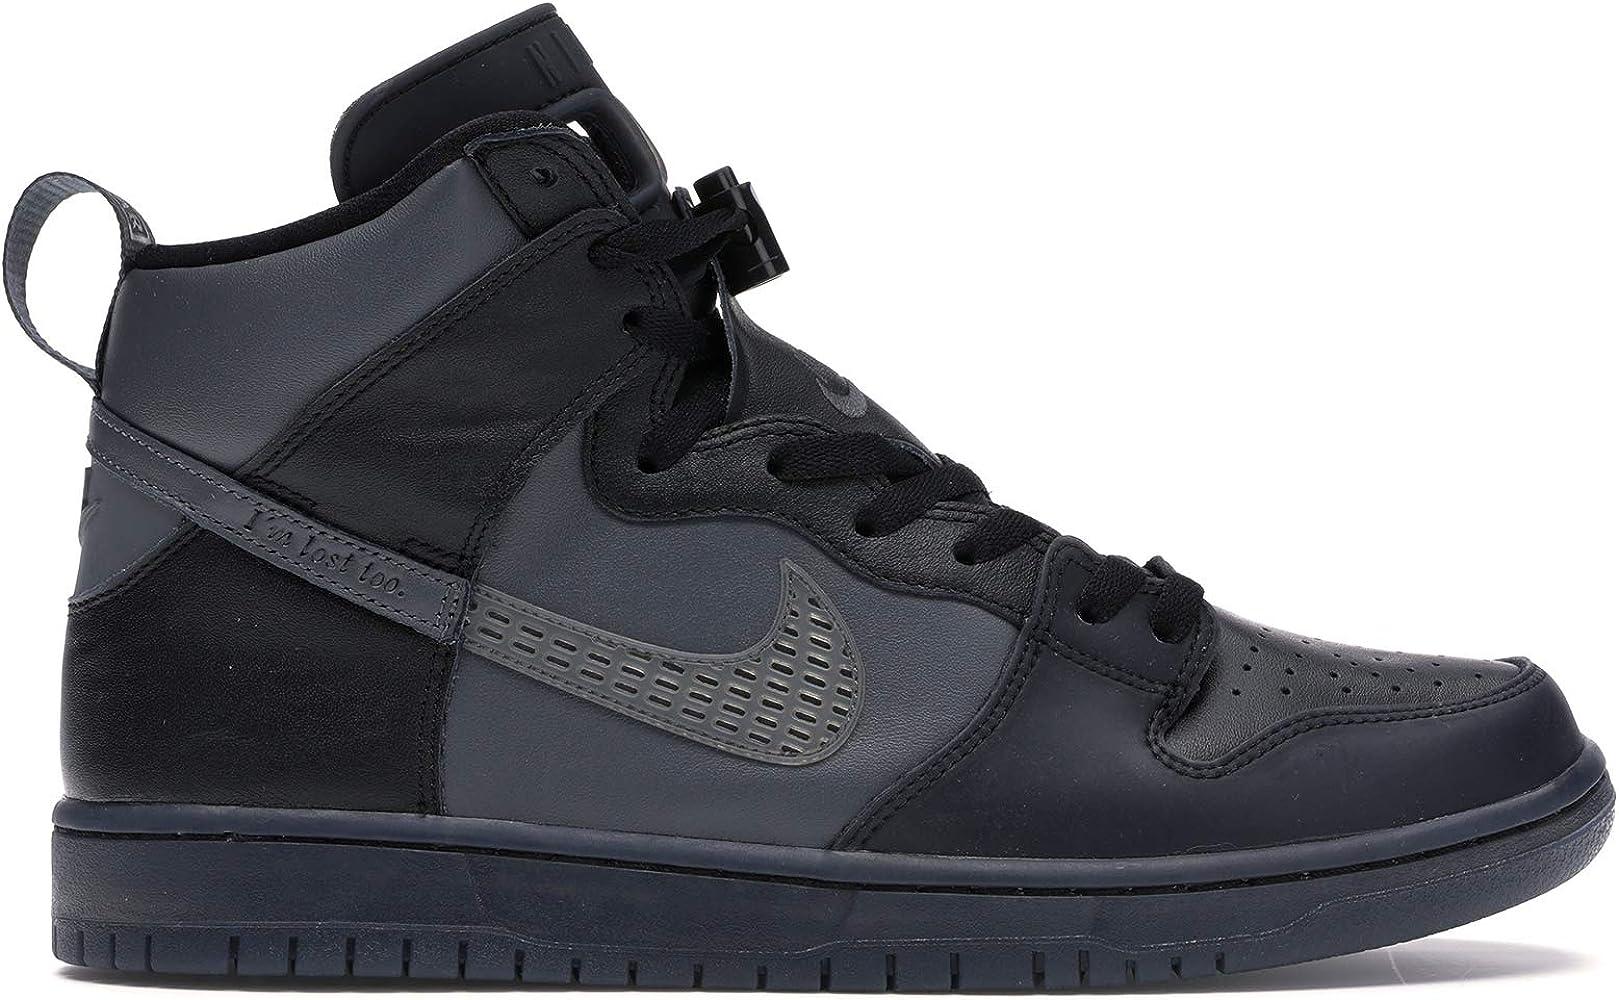 Nike Sb Dunk High Fpar - Bv1052-001